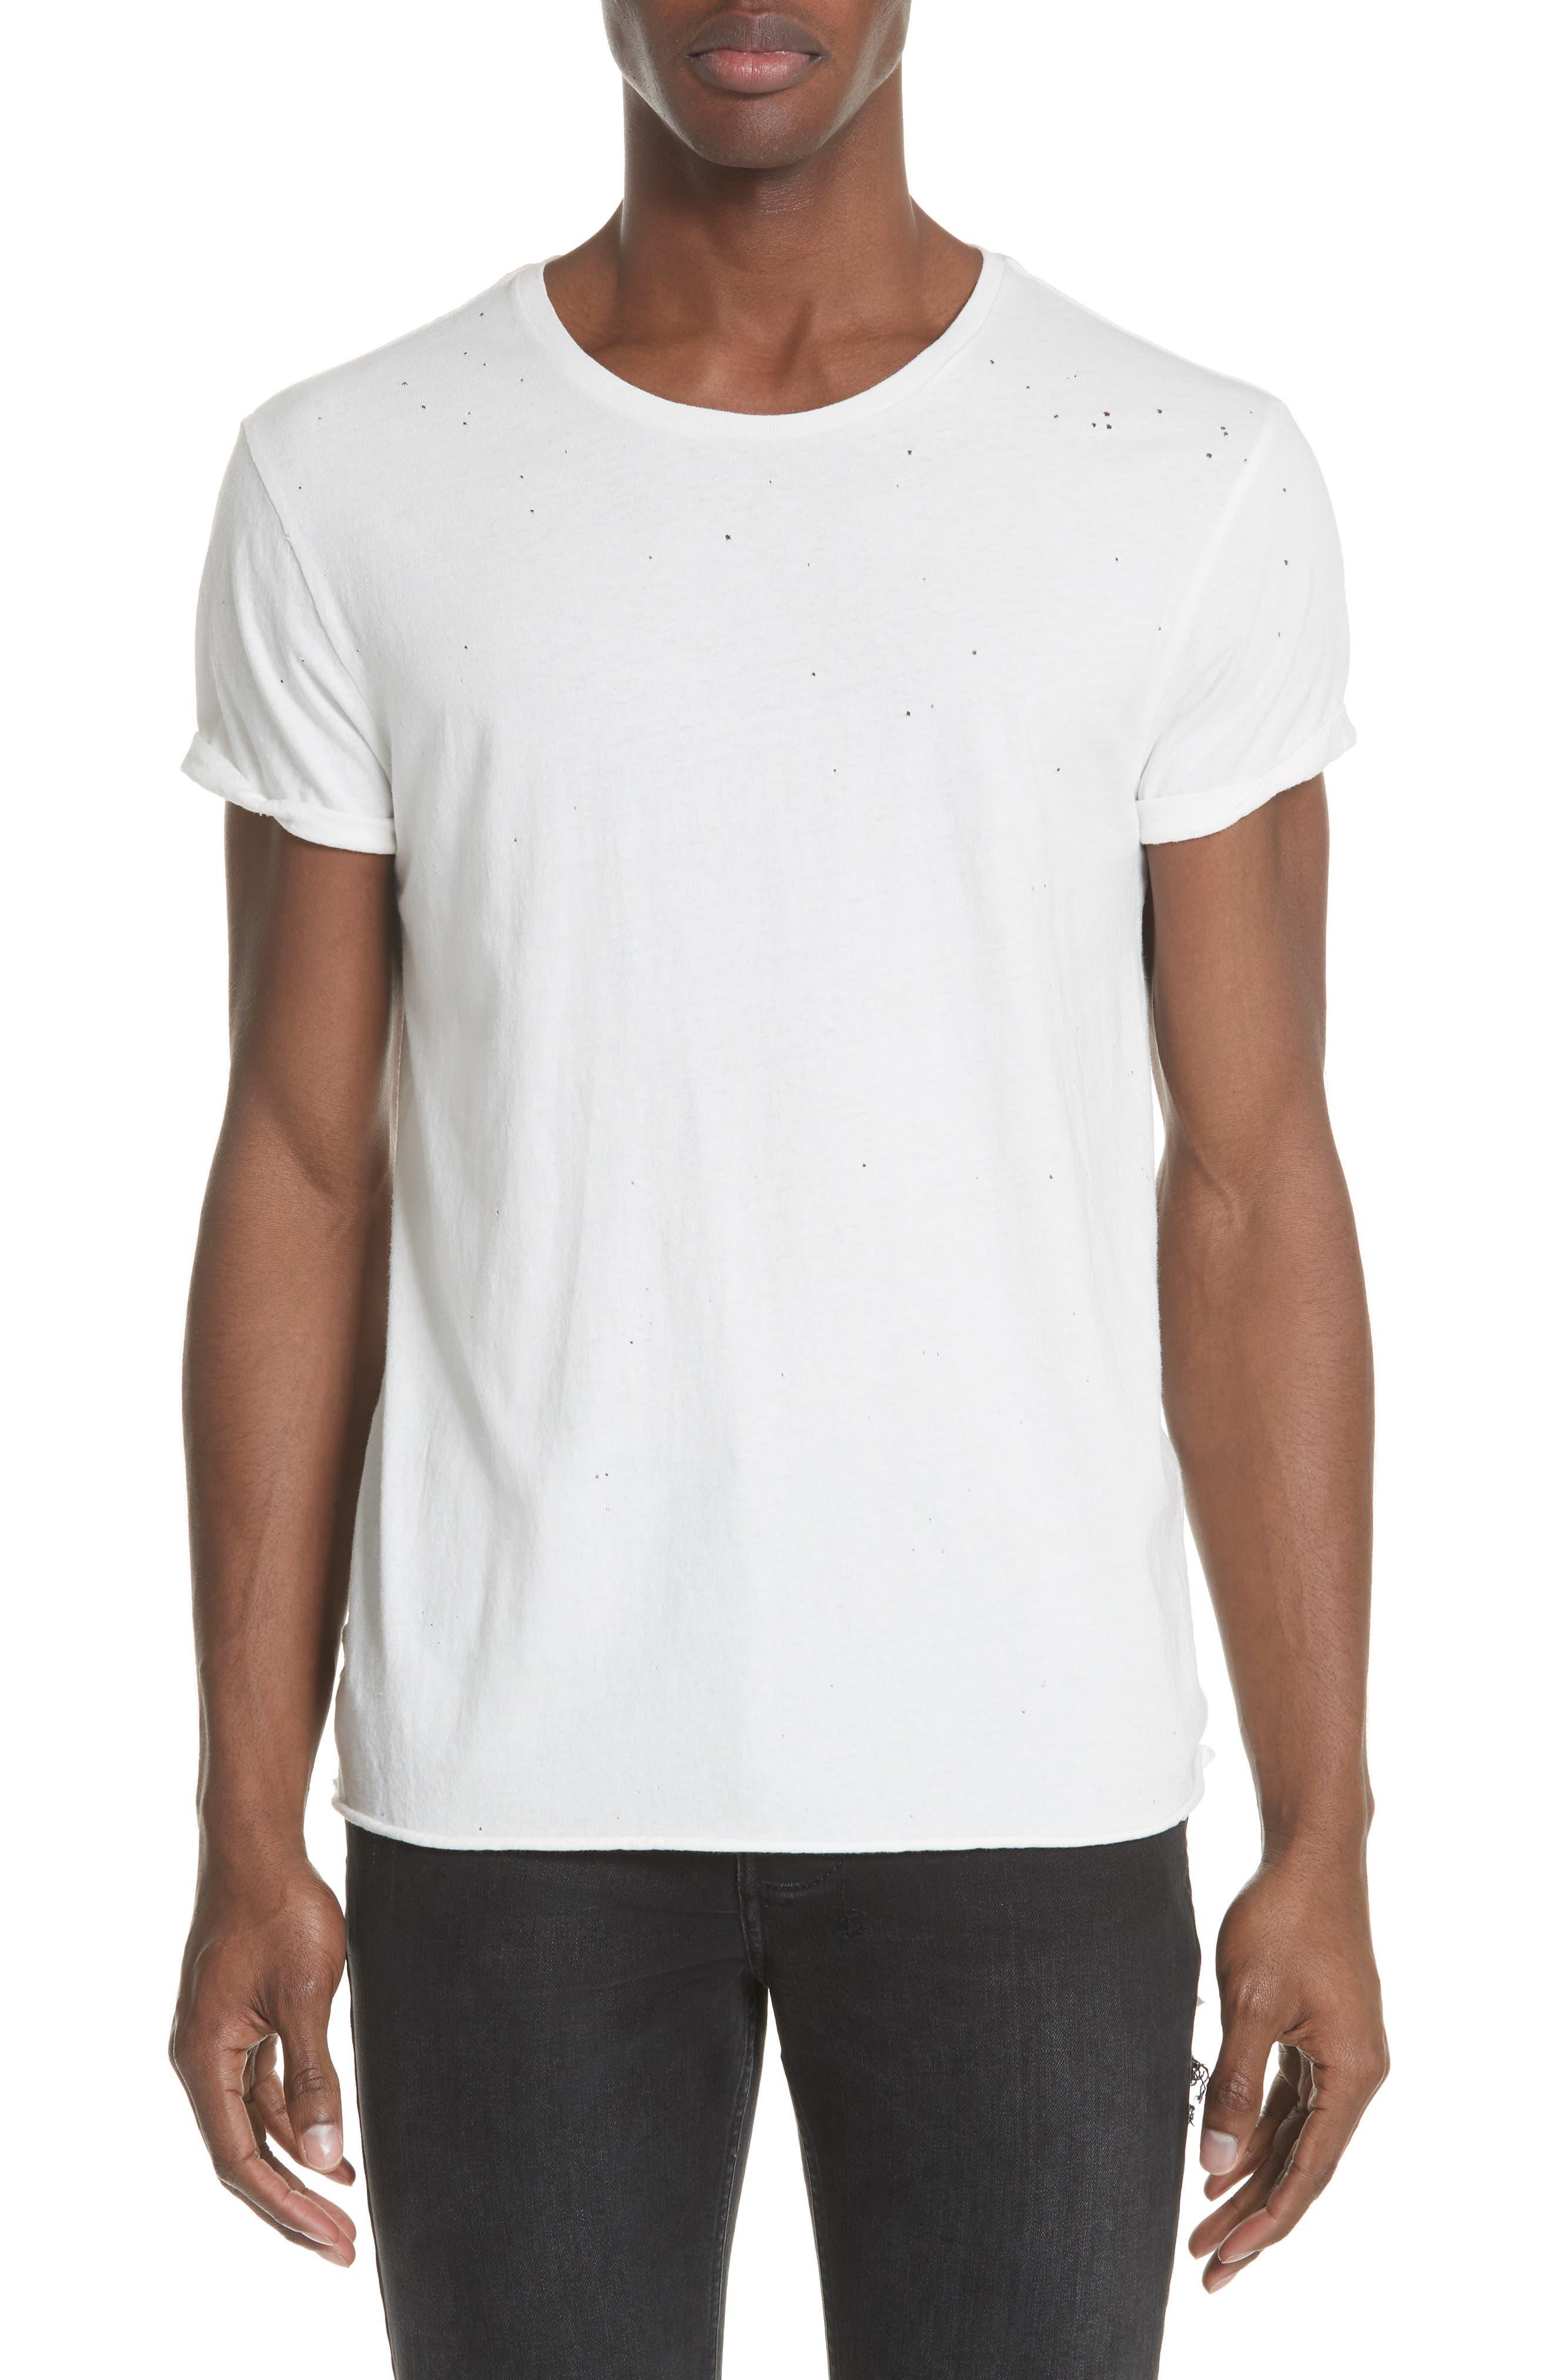 Kodeine Crewneck T-Shirt,                         Main,                         color, WHITE